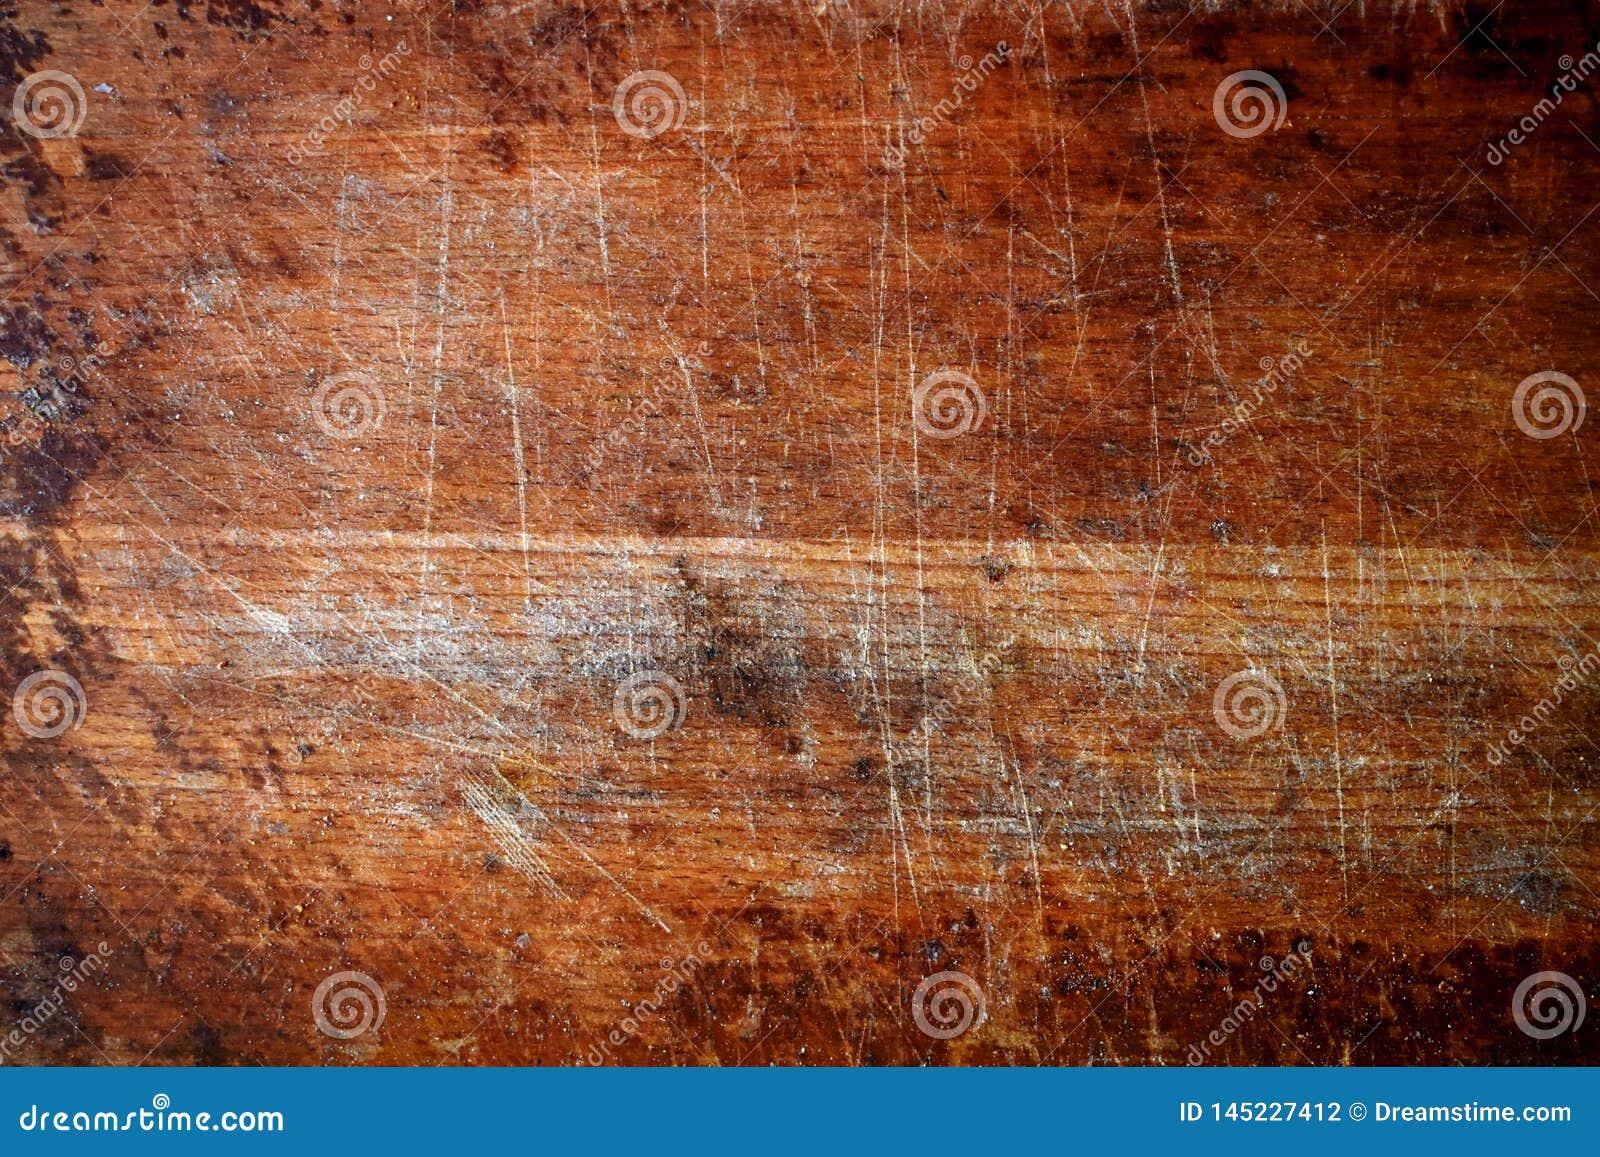 Een oud houten hakbord